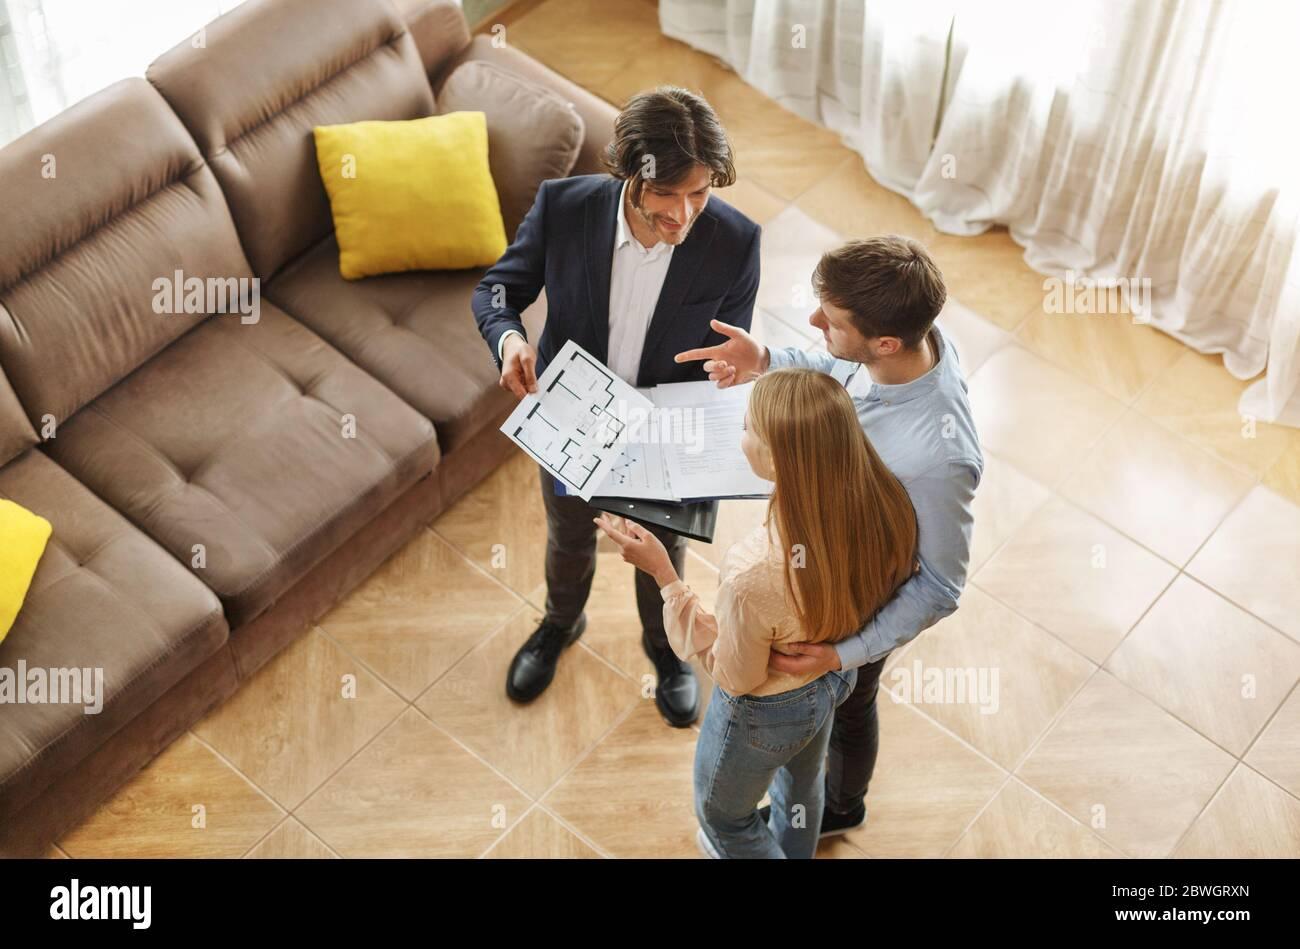 Vista superior de agente inmobiliario comunicándose con clientes sobre la compra de casa o alquiler de interiores Foto de stock